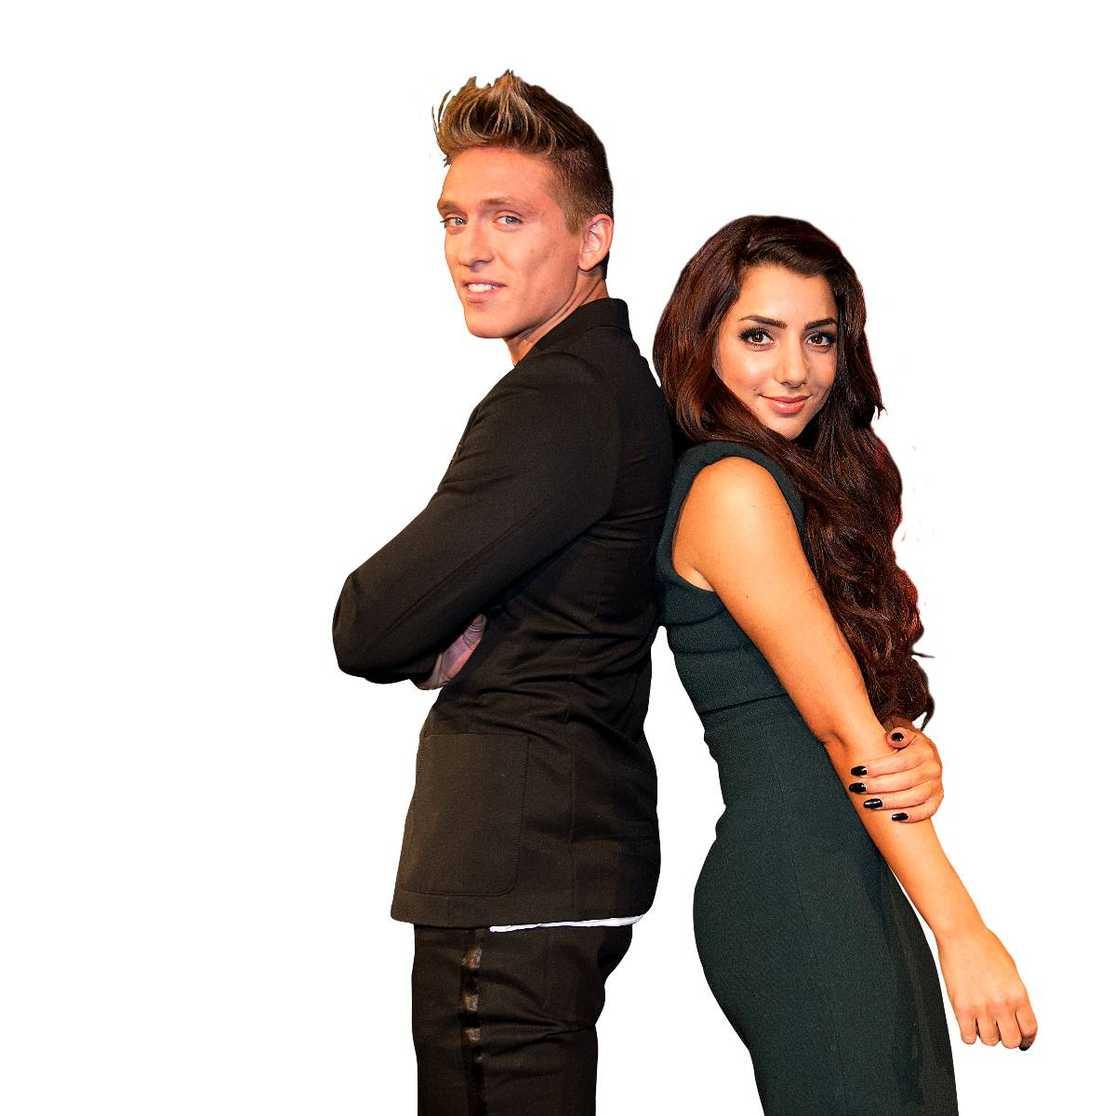 Schlagerduon  Under gårdagen presenterades (precis som Nöjesbladet tidigare avslöjat) Danny Saucedo och Gina Dirawi som programledare för Melodifestivalen.